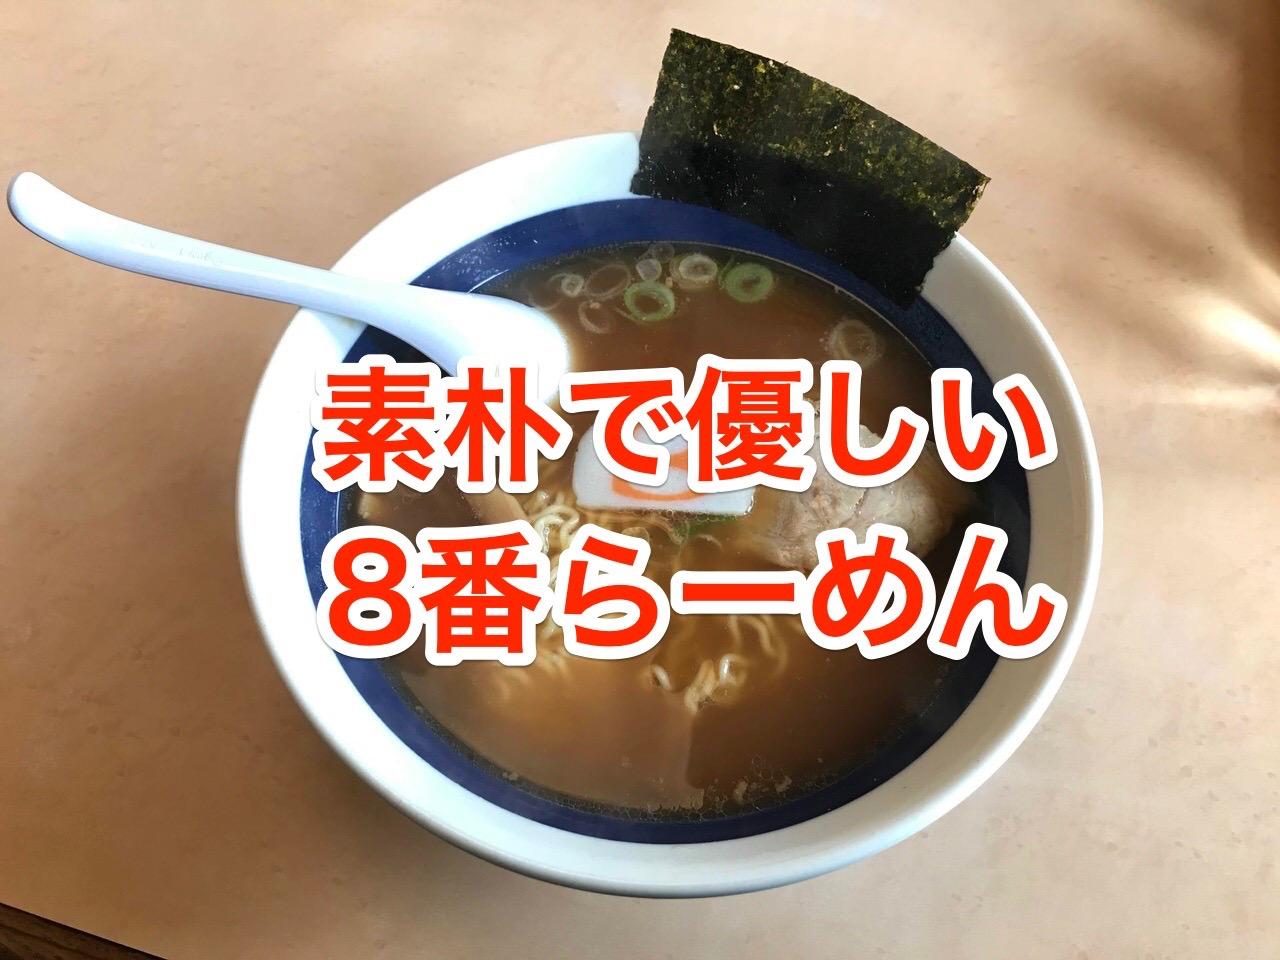 「8番らーめん 魚津店」疲れた身体に染みる優しいラーメン【富山】